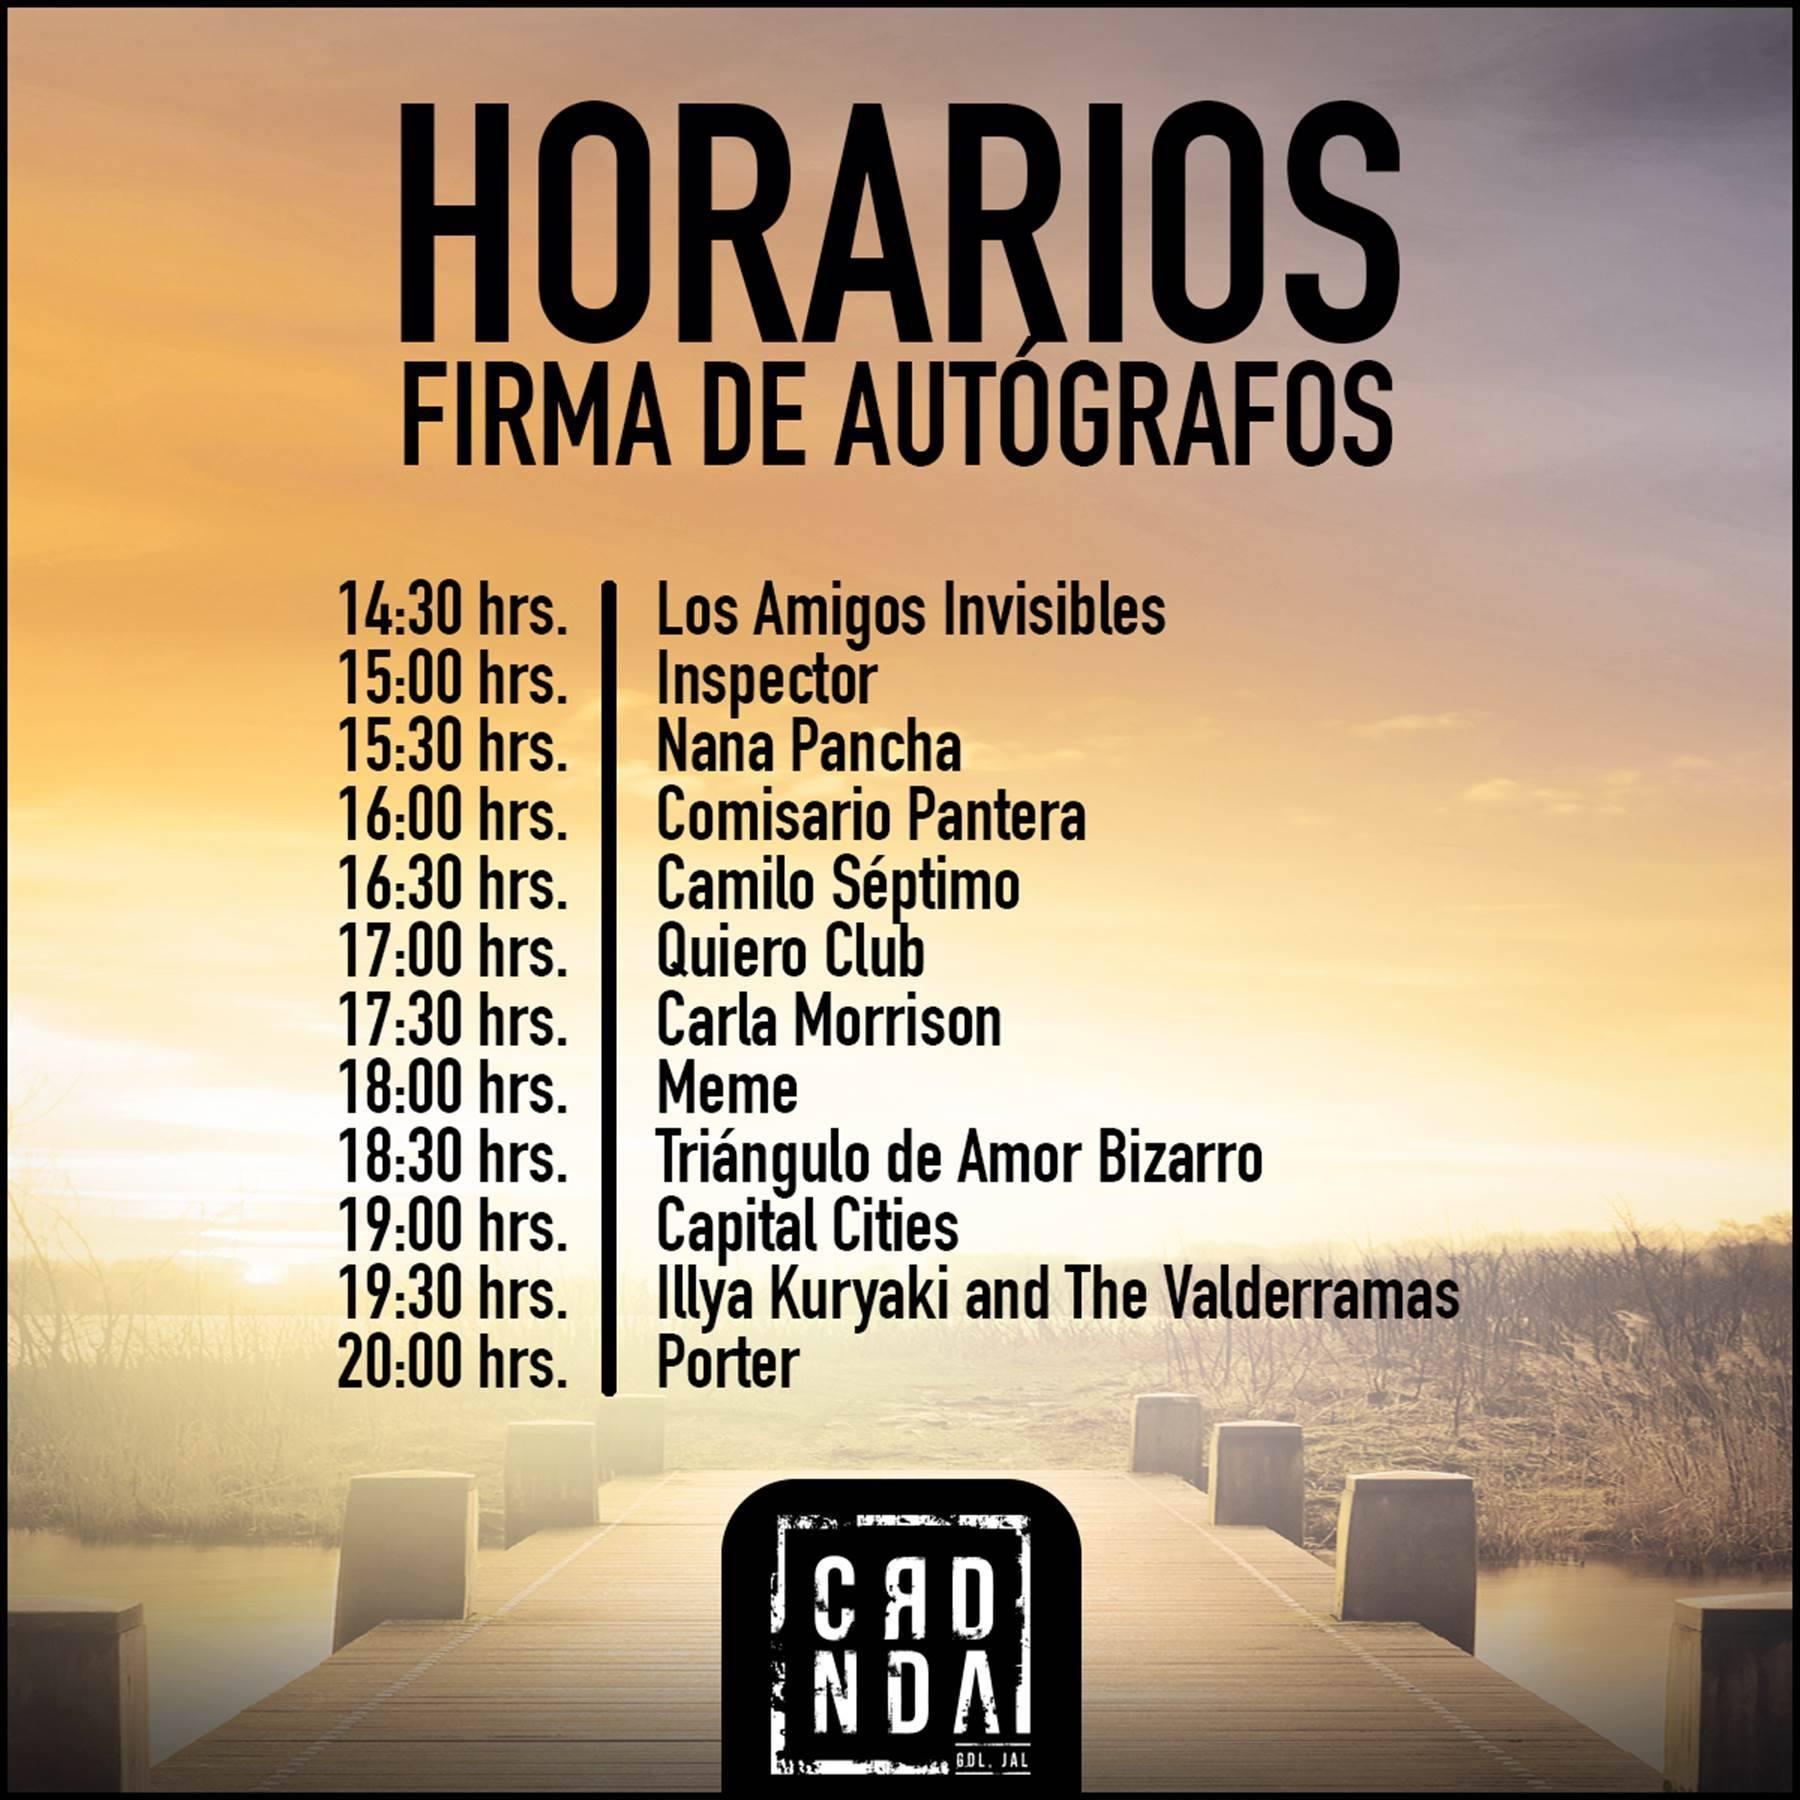 coordenada-2016-horarios-firmas